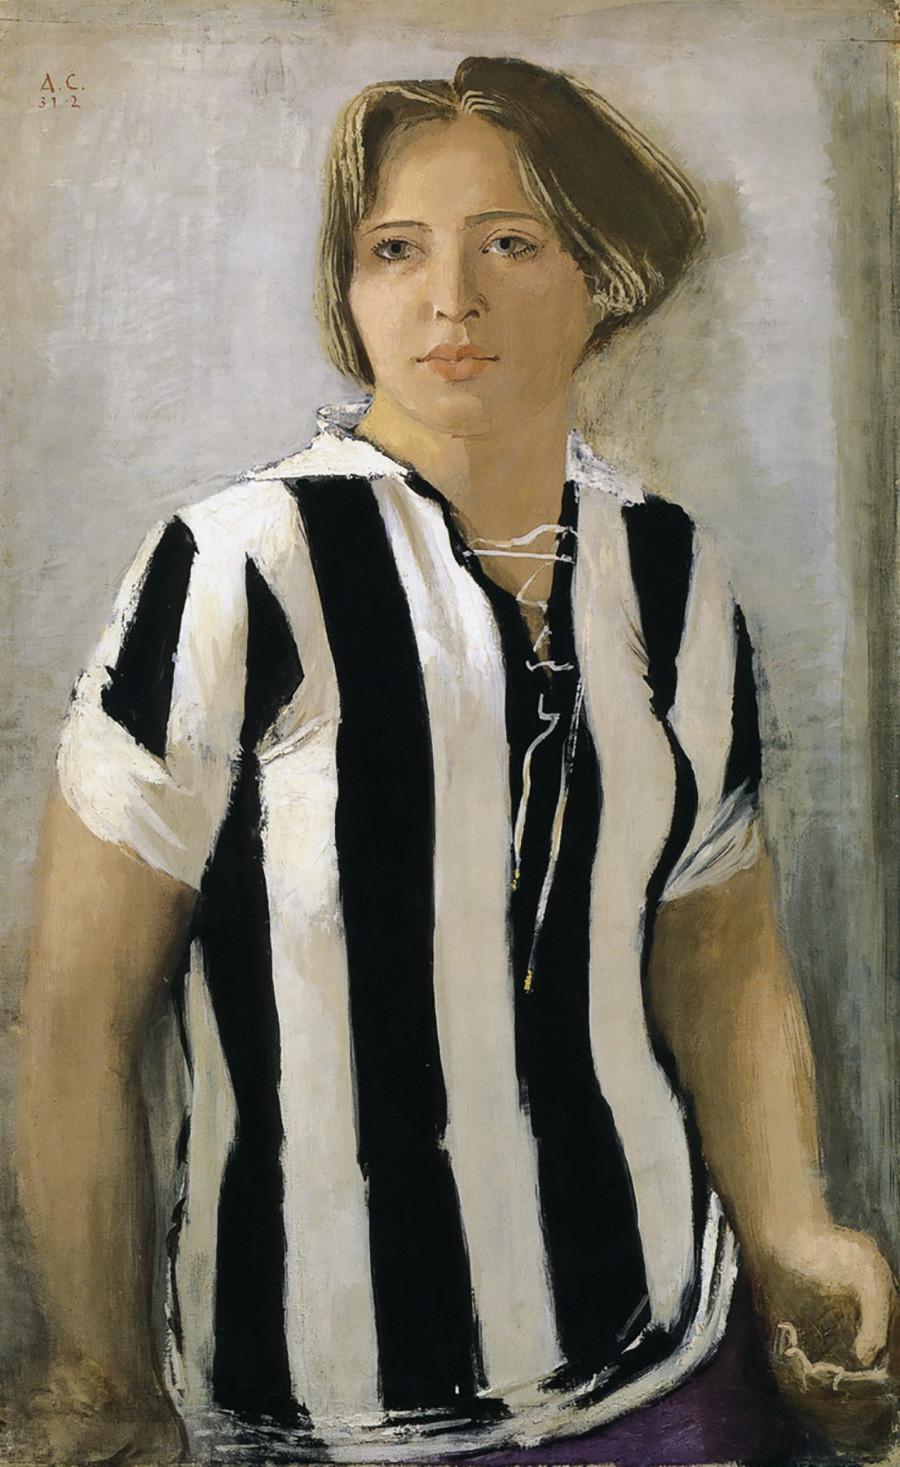 『Tシャツを着ている女性』、アレクサンドル・サモフヴァロフ作、1932年